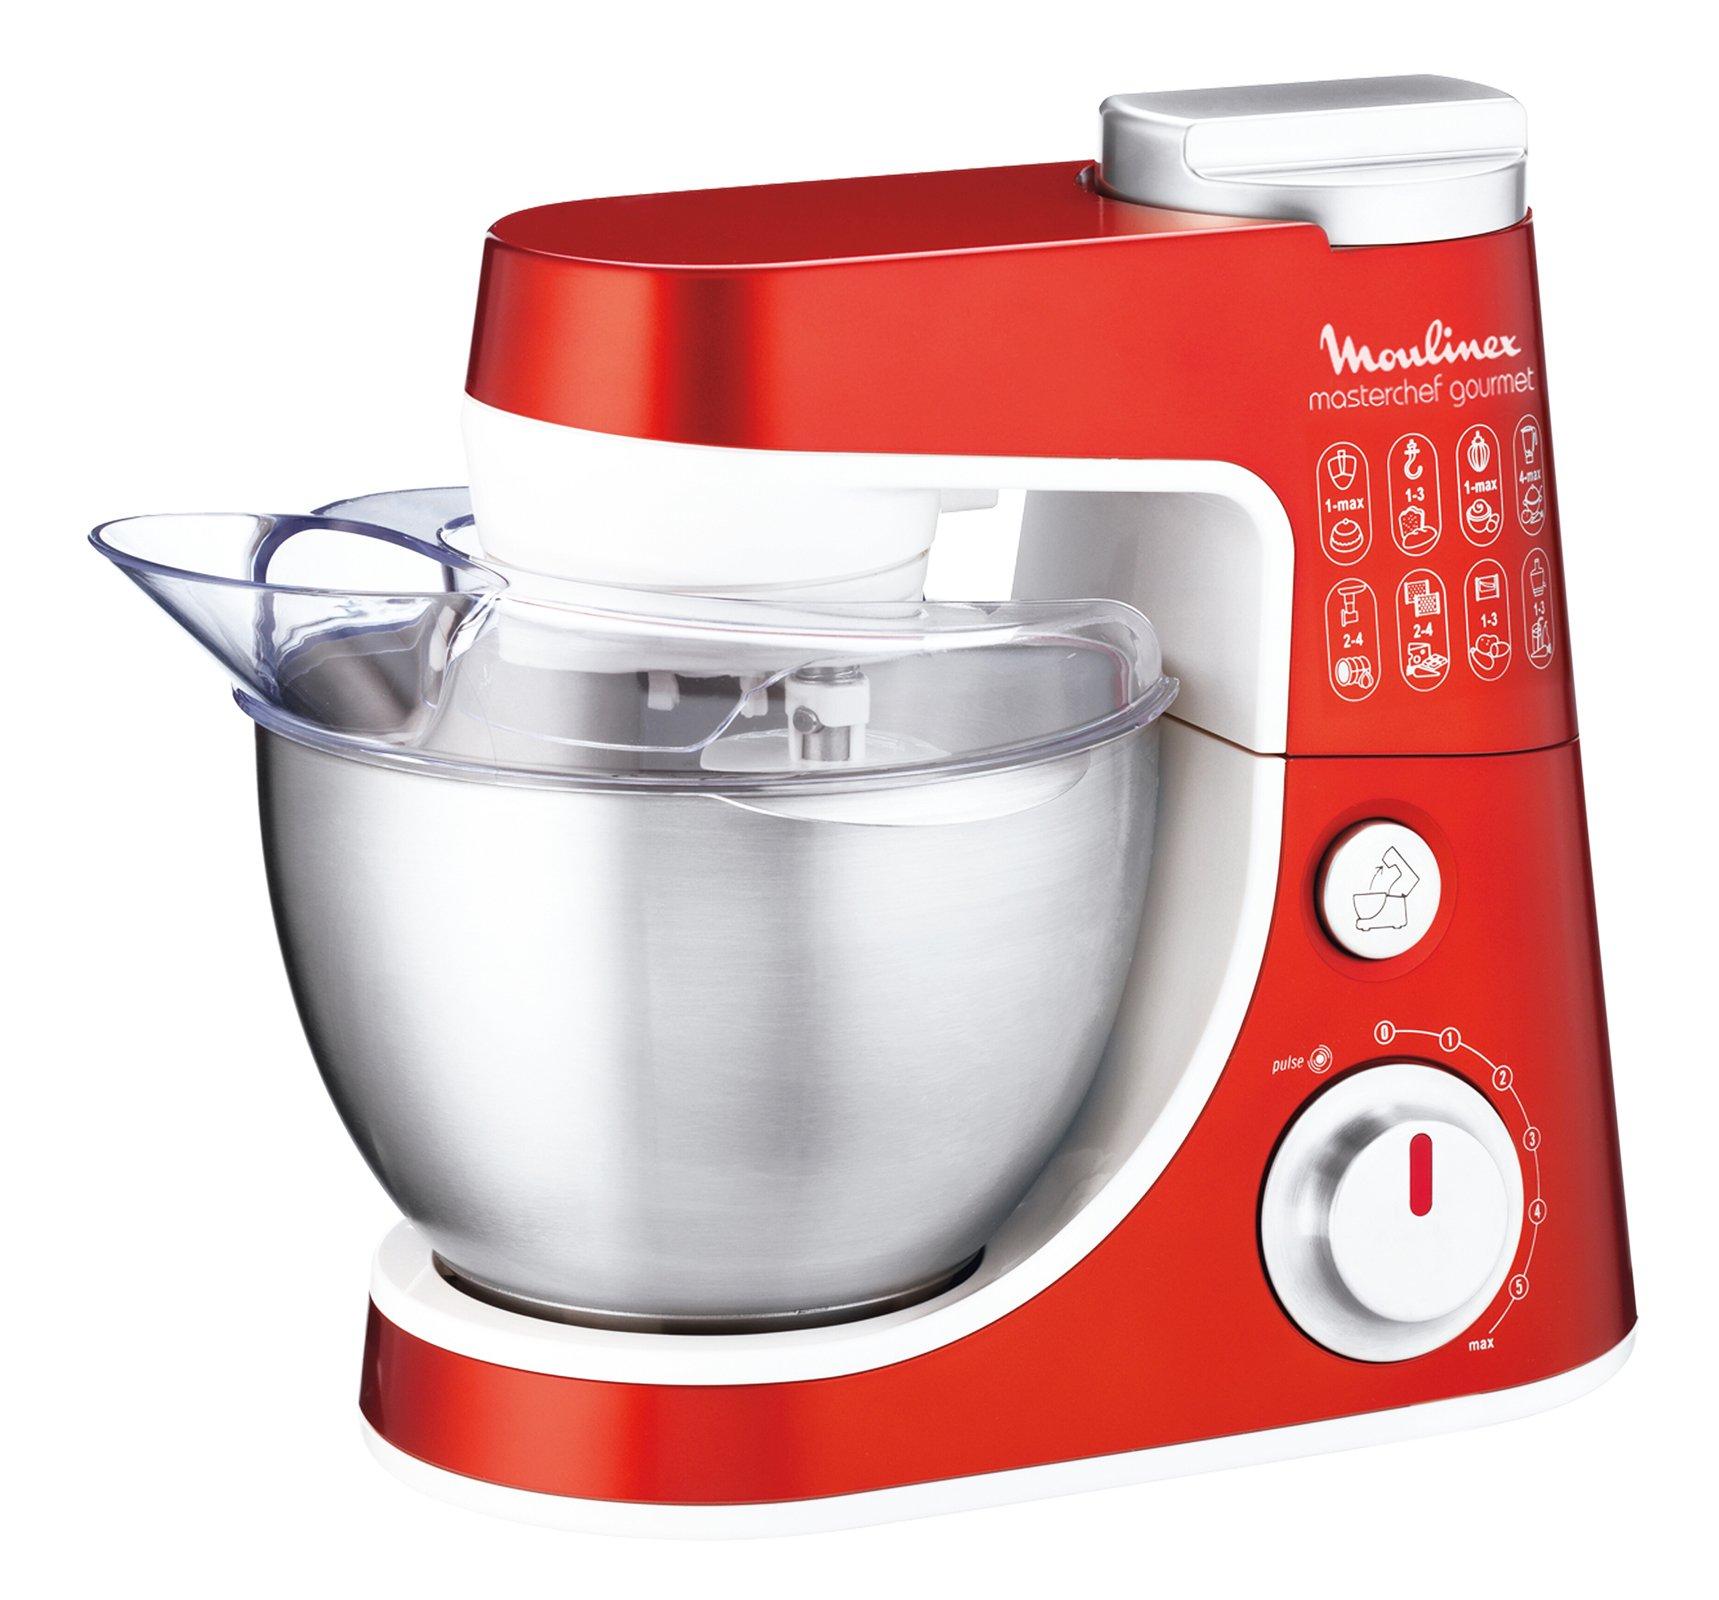 Piccoli elettrodomestici per la cucina tante funzioni in poco spazio cose di casa - Robot da cucina moulinex ...